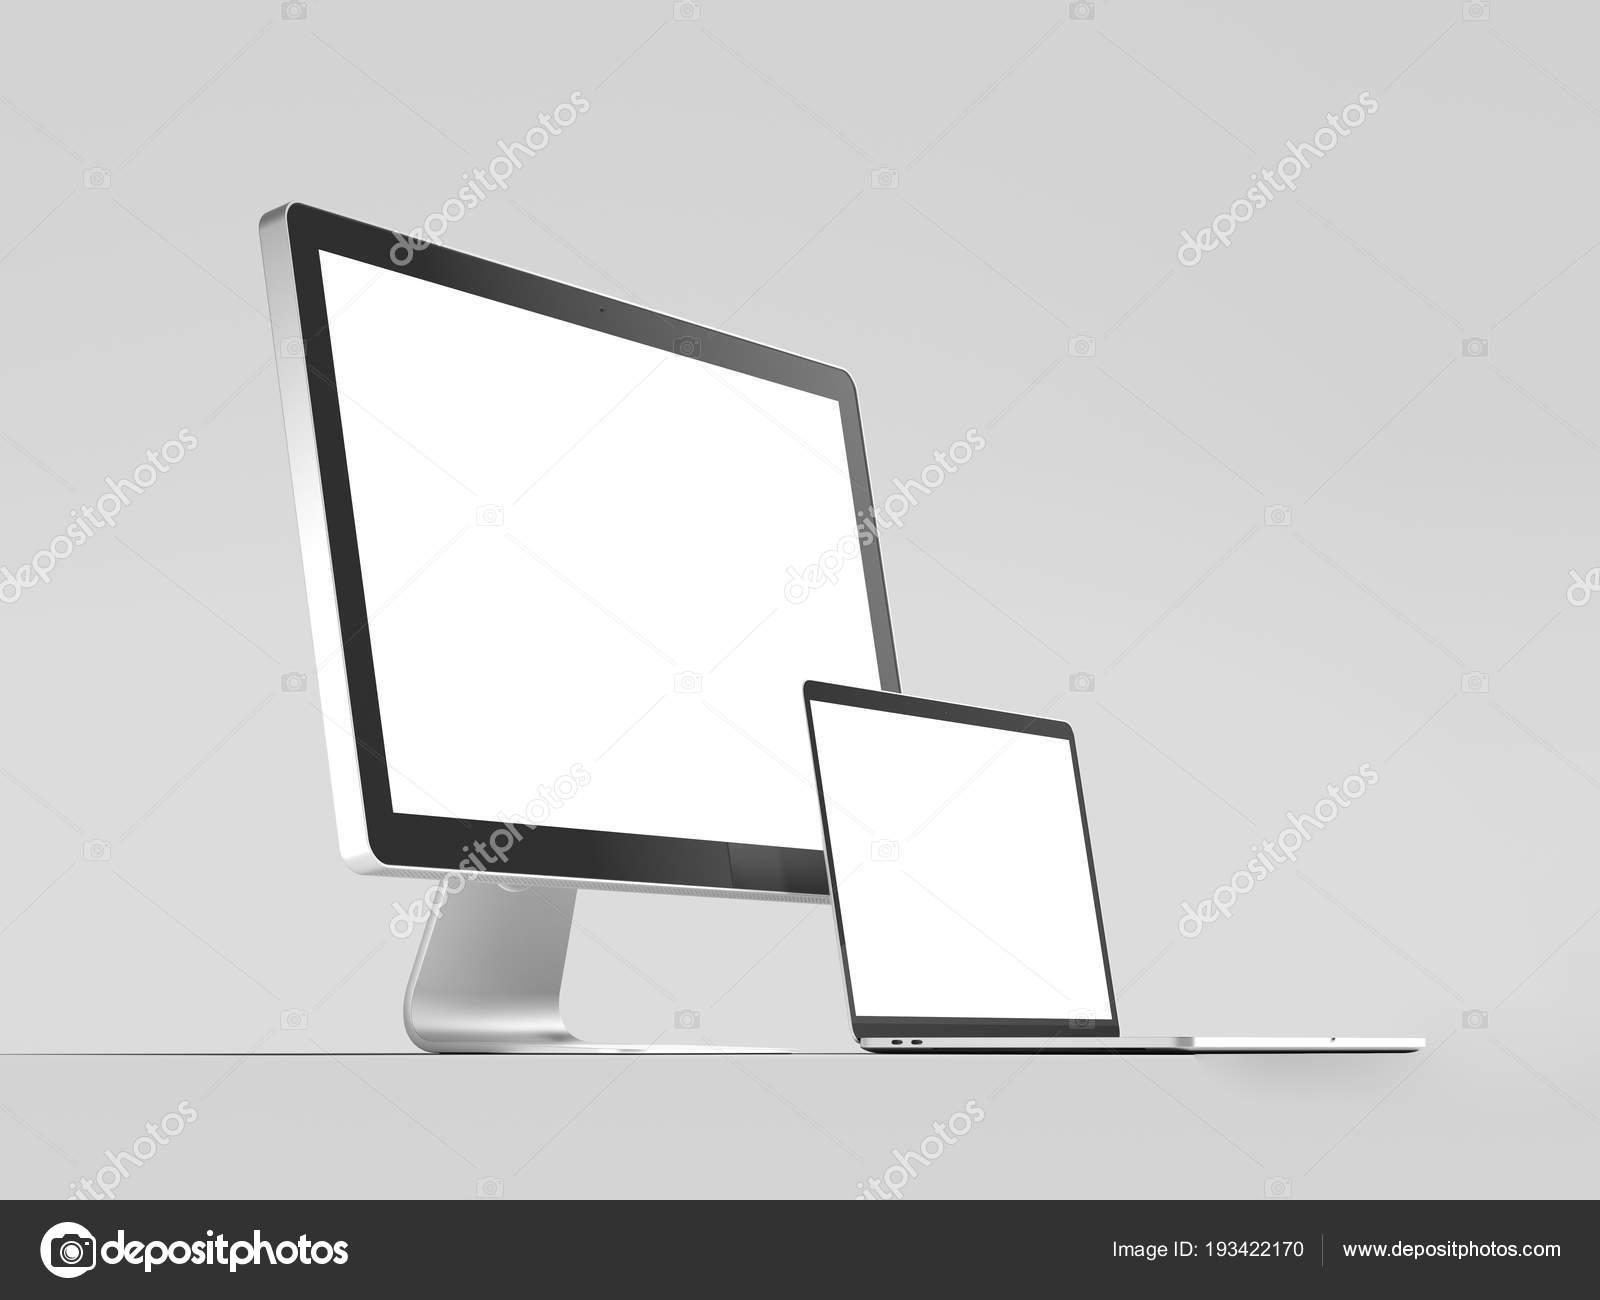 Realista negro enmarcado monitor blanco y negro portátil, render 3d ...